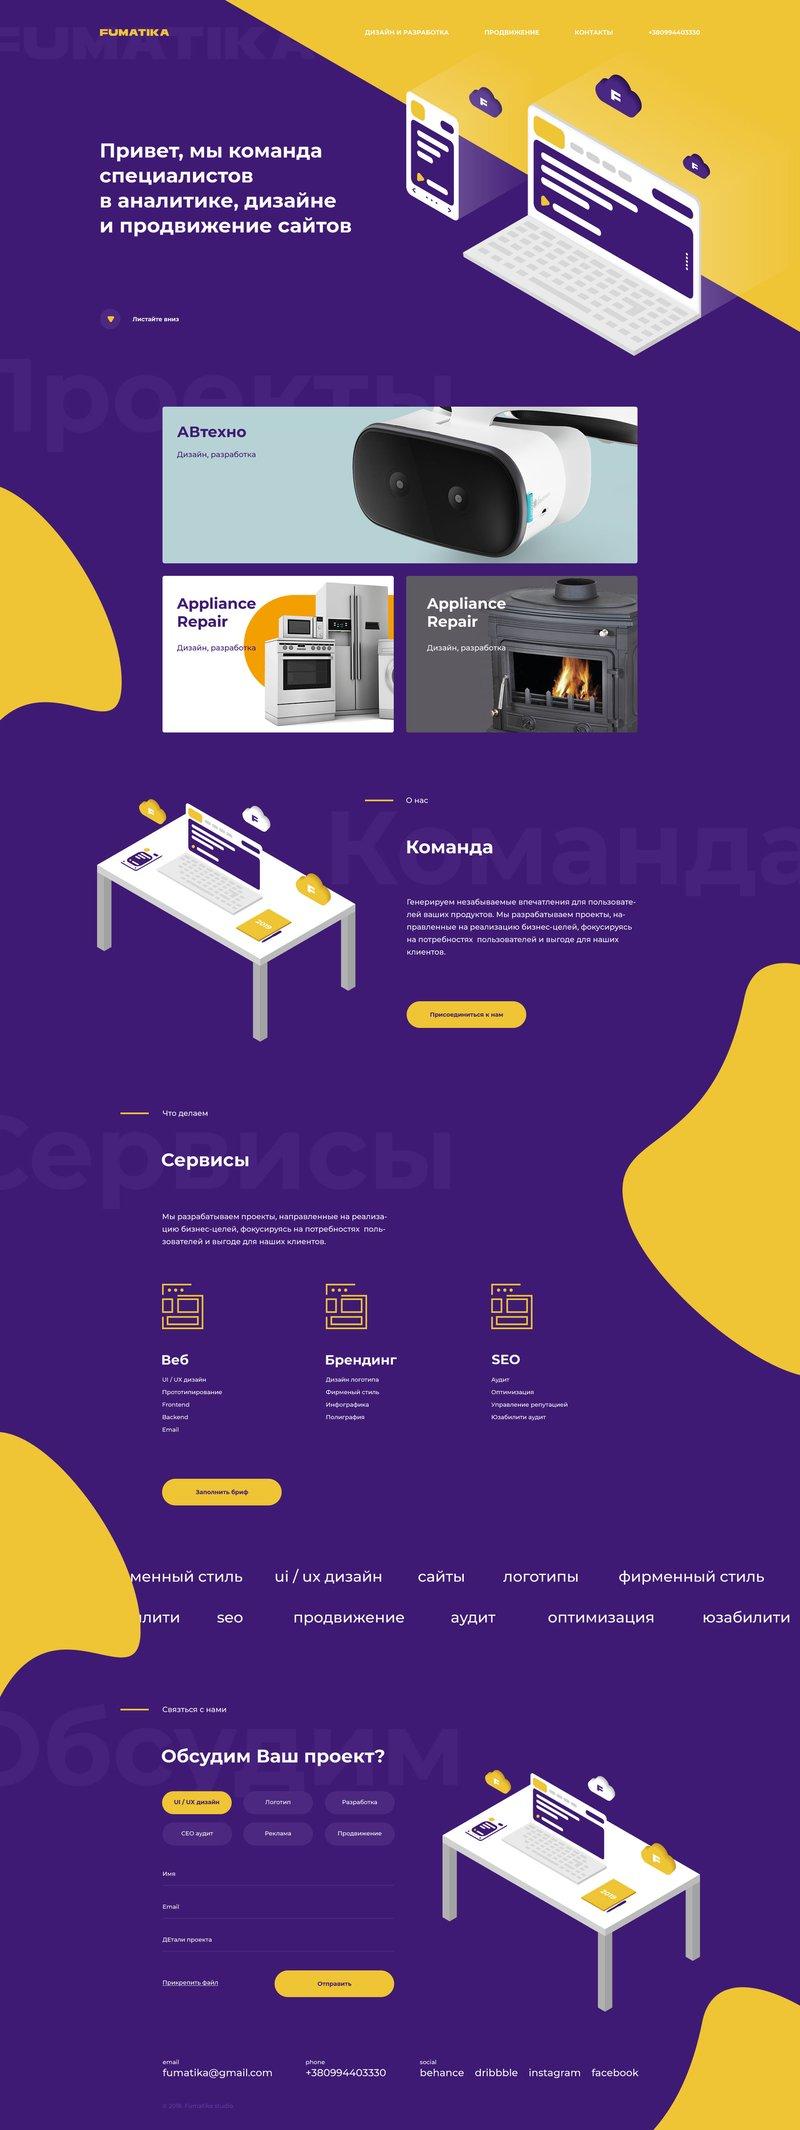 Дизайн сайта для диджитал студии – работа в портфолио фрилансера